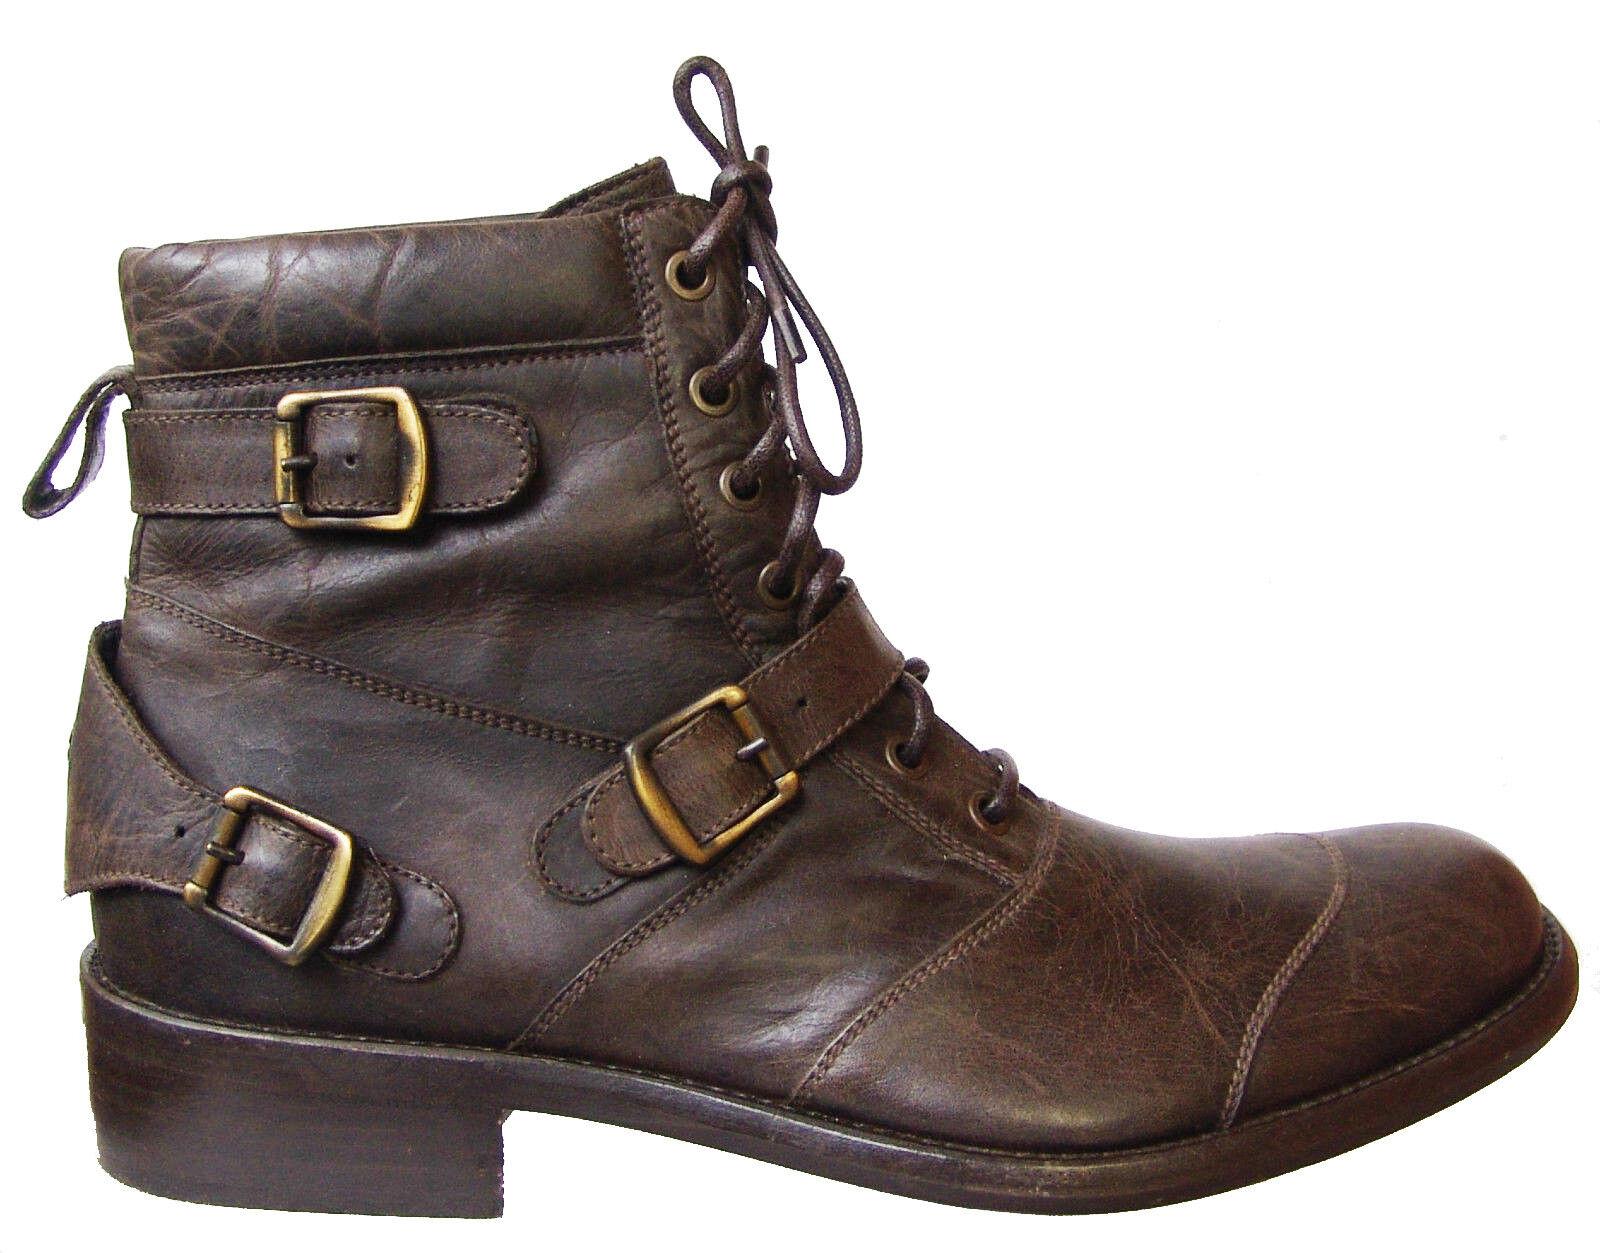 Zapatos De Cuero BELSTAFF hombre lacedmaster negromarrón botas hecha en Italia